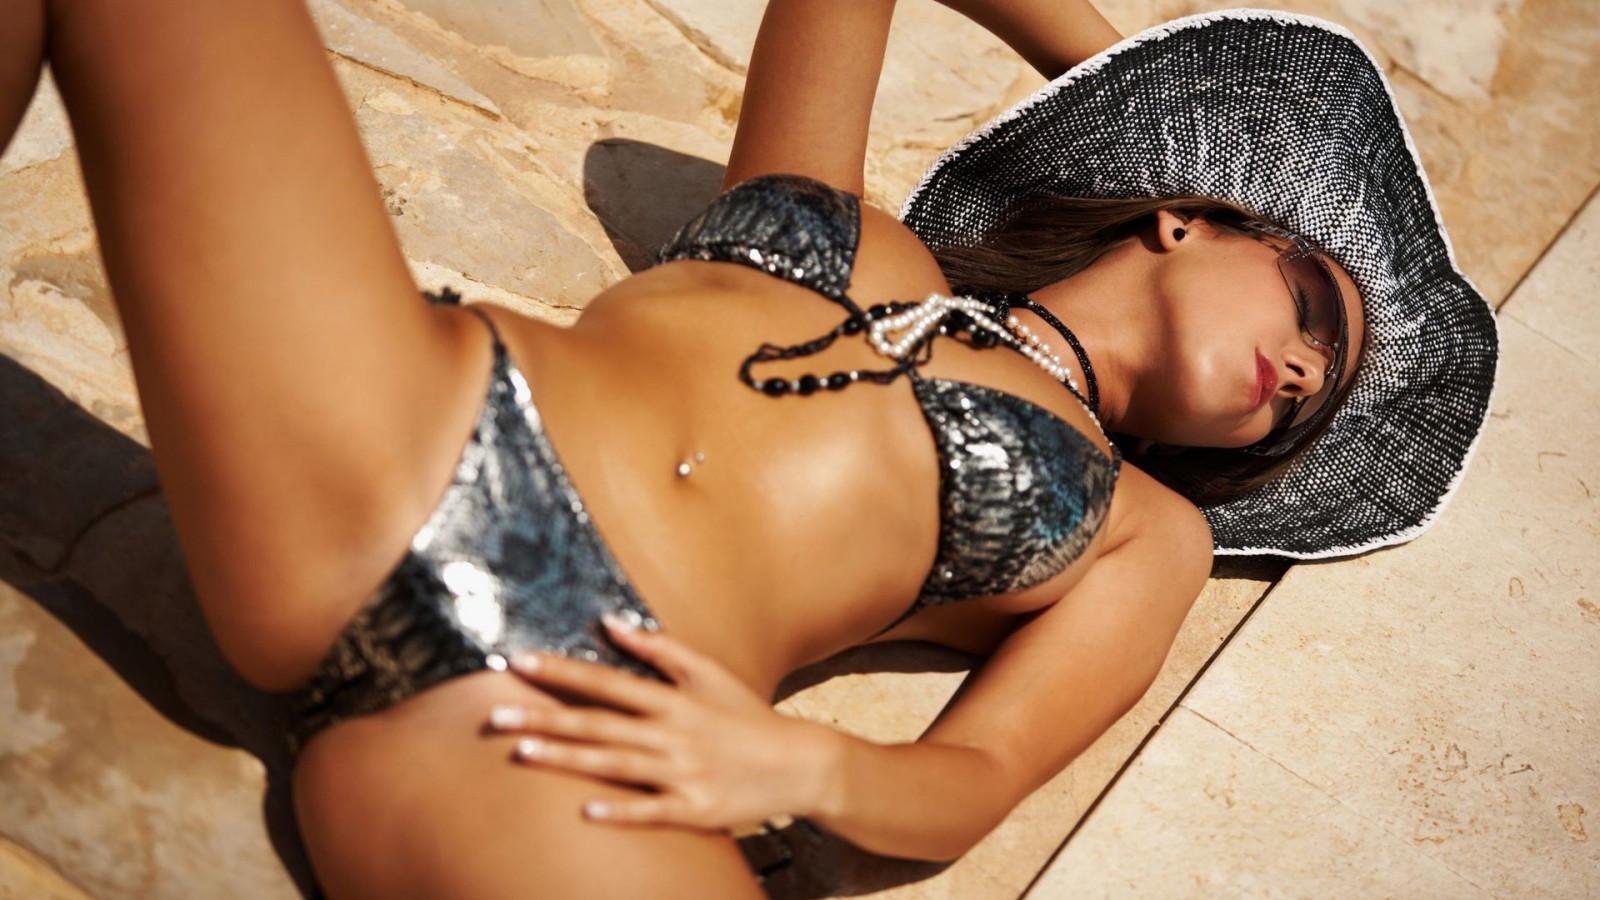 glamour-black-model-videos-girls